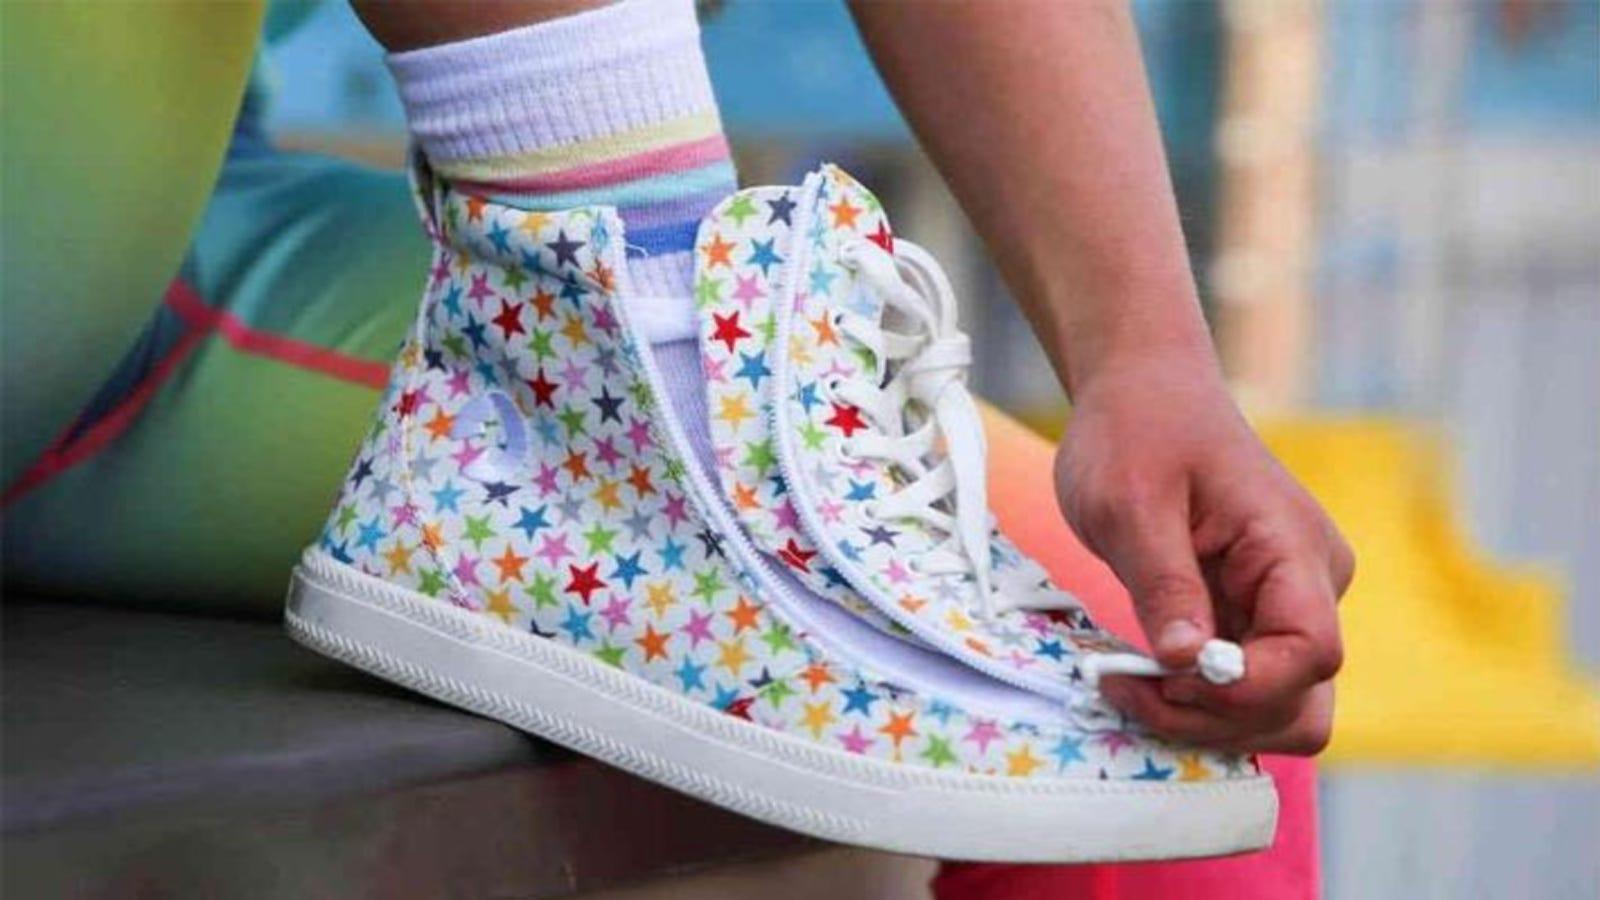 A child zipping a Billy Footwear sneaker.